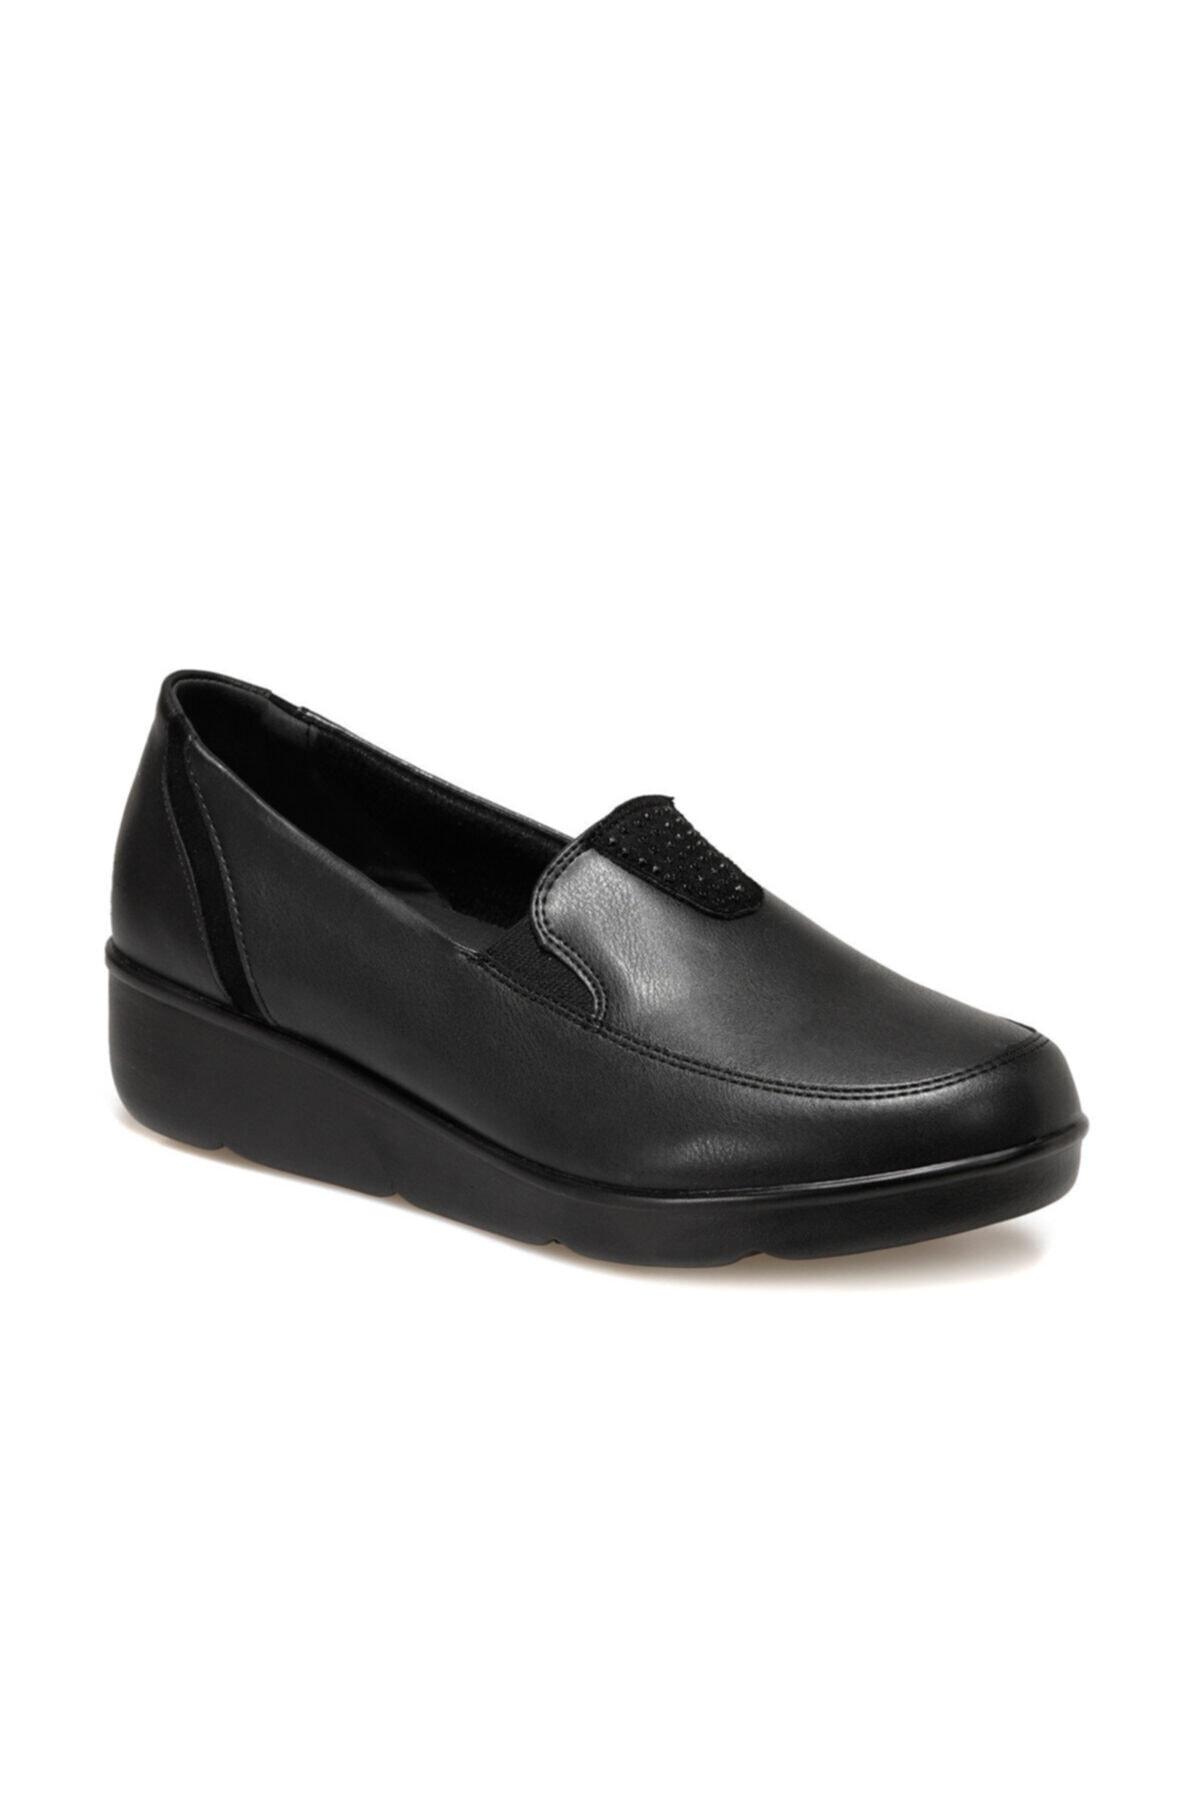 Polaris 5 Nokta 103115.Z Siyah Kadın Comfort Ayakkabı 100555560 1